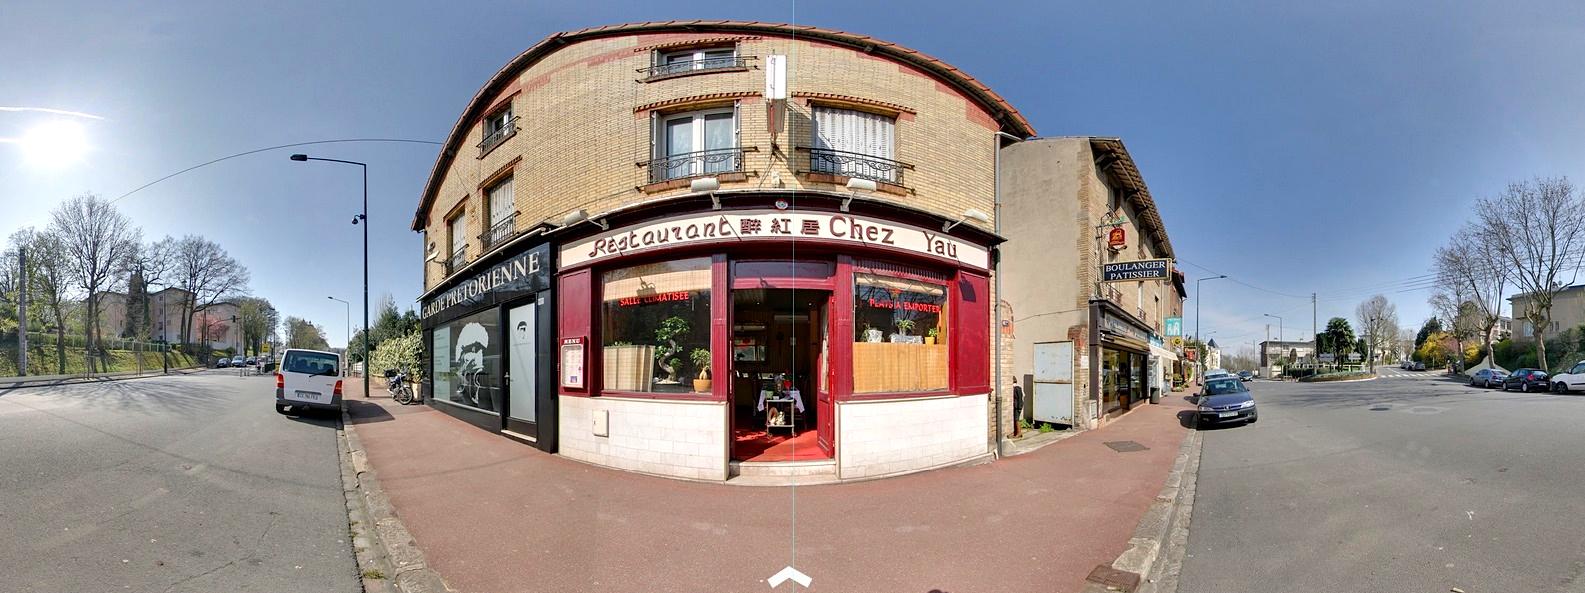 Visite virtuelle Google Chez Yau Le Plessis Robinson. 805 Productions Videographes et Photographes - Paris, Santa Barbara.